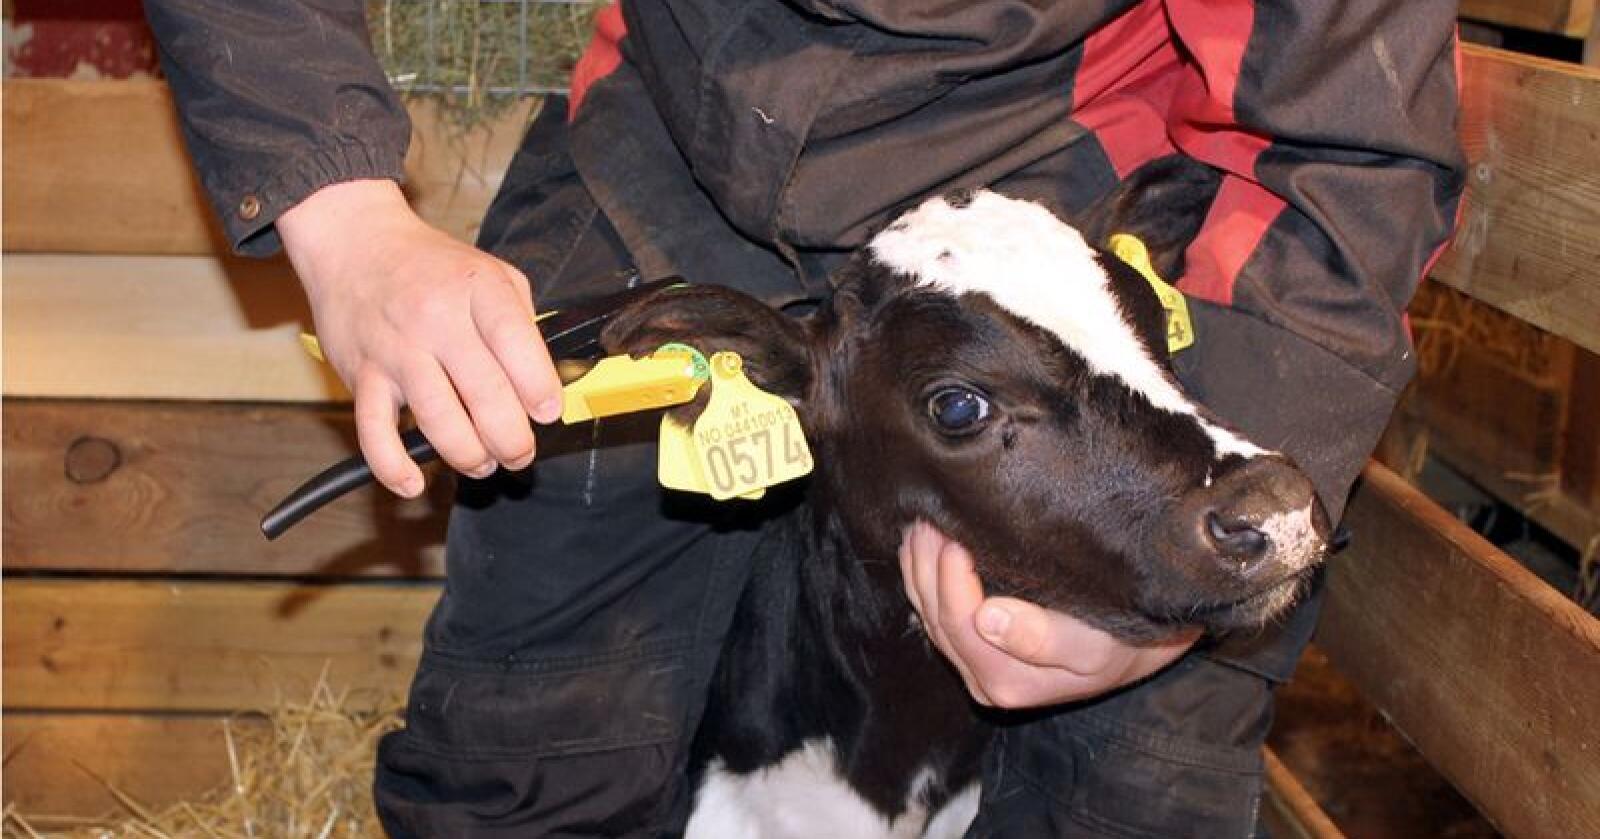 GS-merket settes i øret samtidig som det tas ut en vevsprøve fra øret Foto: OS ID